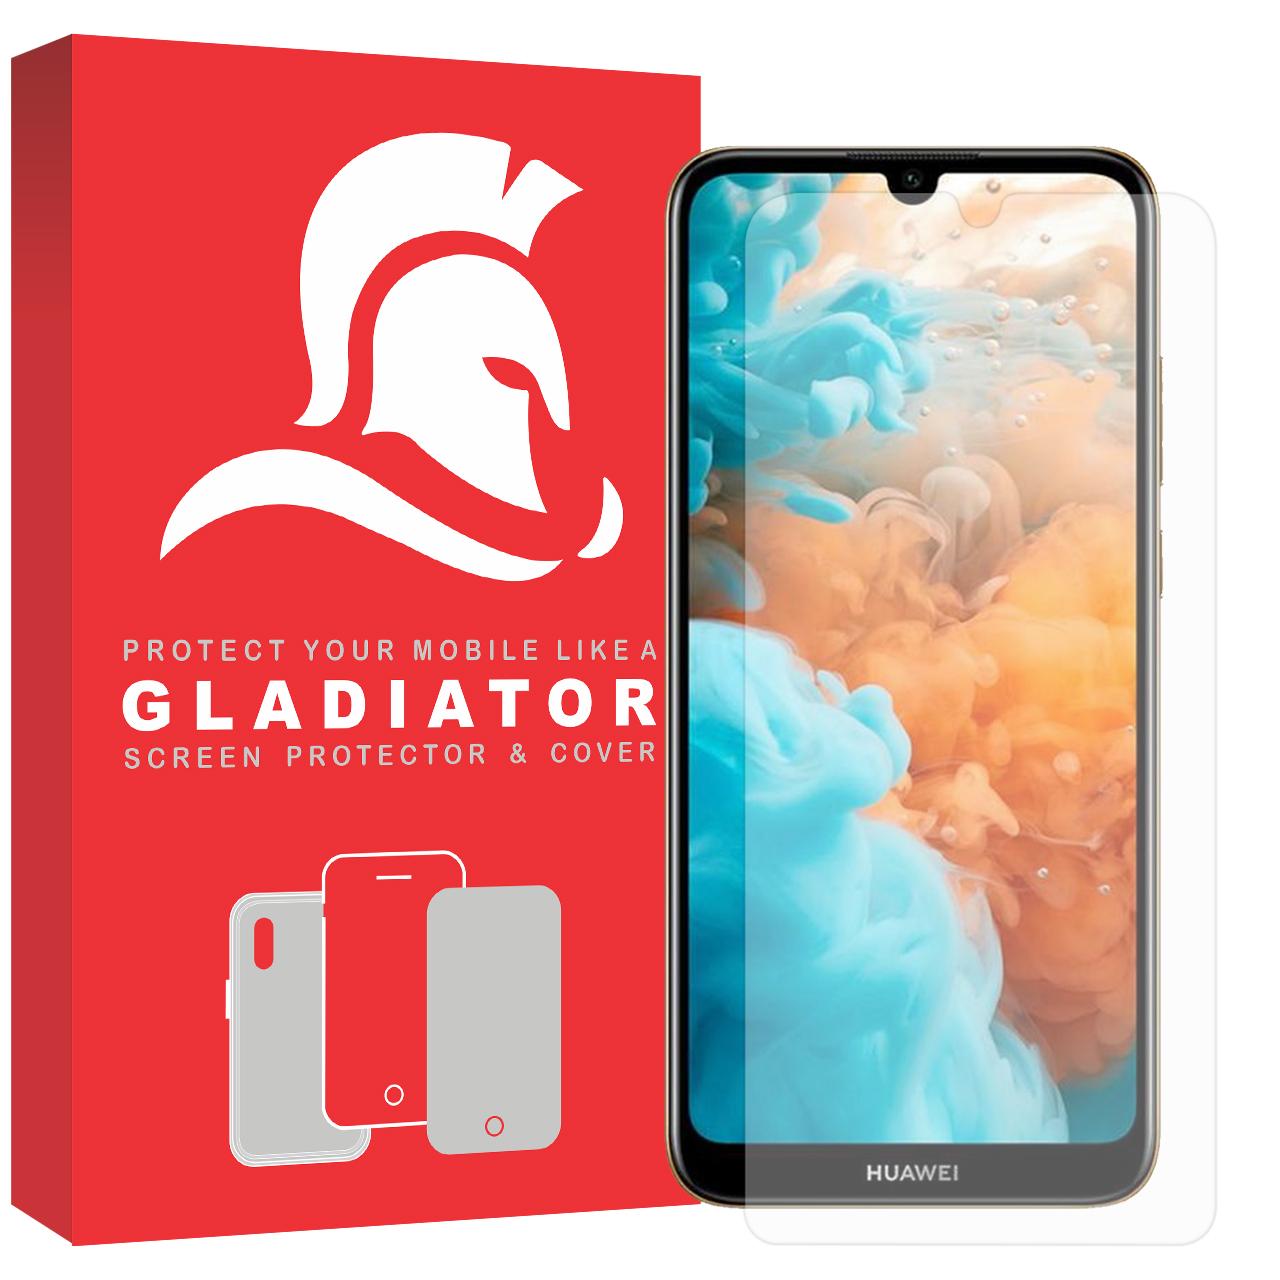 محافظ صفحه نمایش گلادیاتور مدل GLH1000 مناسب برای گوشی موبایل هوآوی Y6 2019